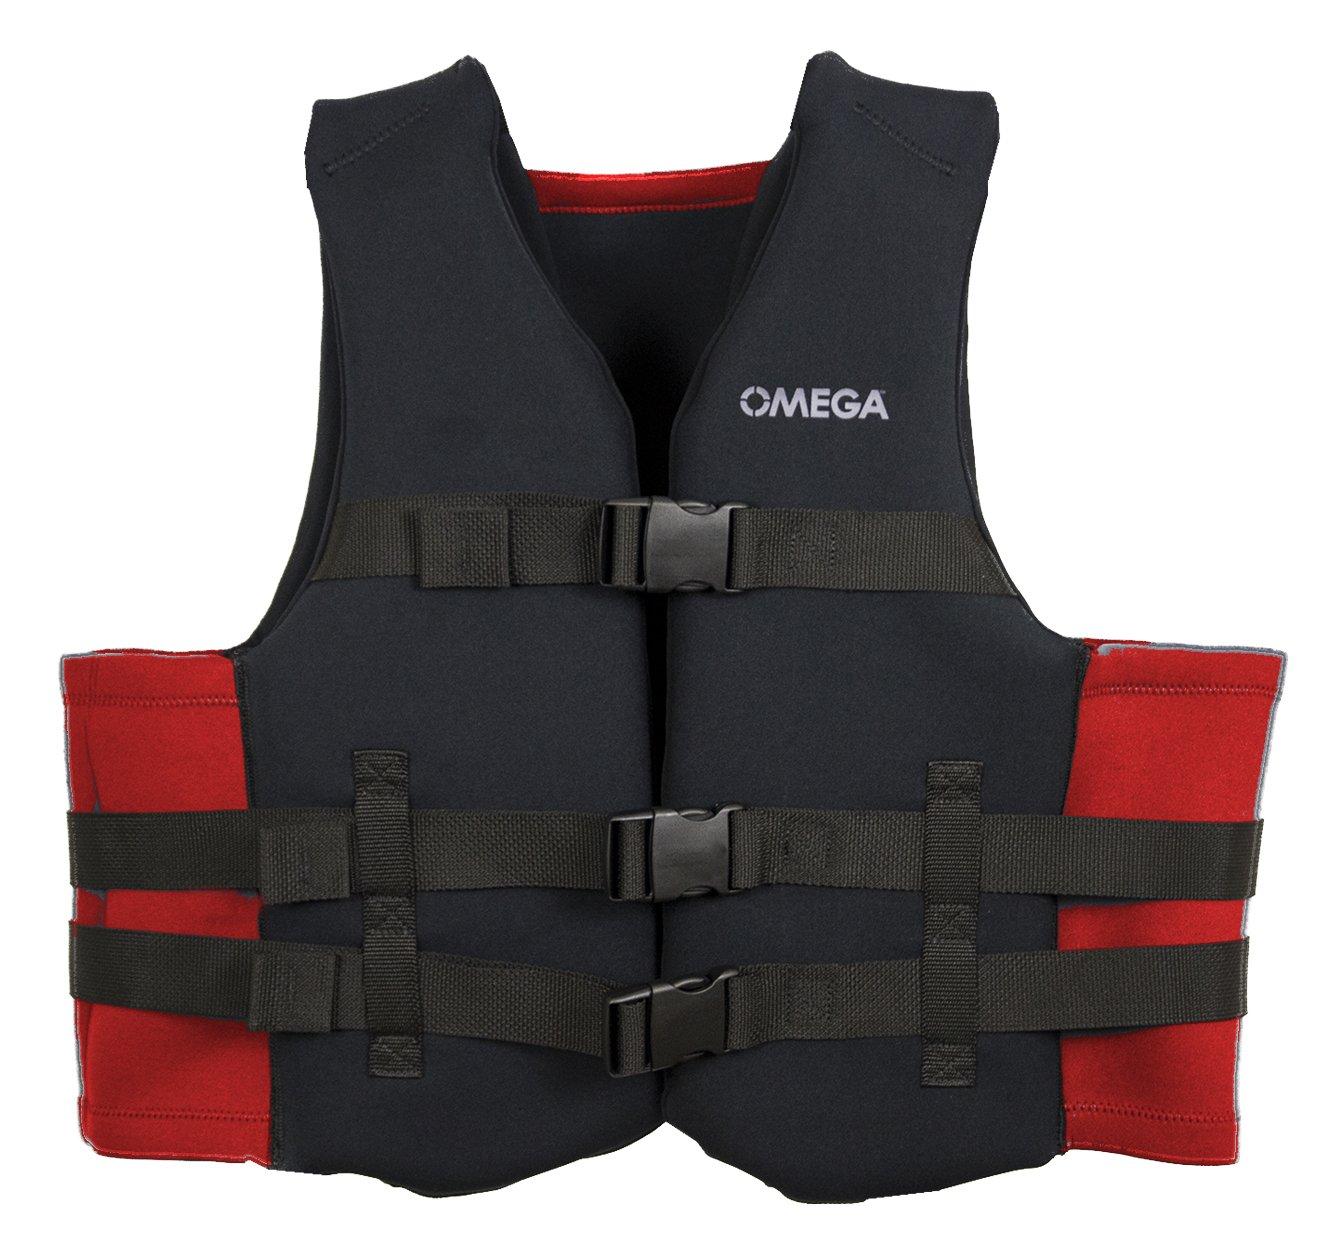 大割引 Flowt flex-fit B00GY9J6ME Neo Vest 4L レッド Flowt Vest B00GY9J6ME, Chacott Online Shop:9e333794 --- a0267596.xsph.ru